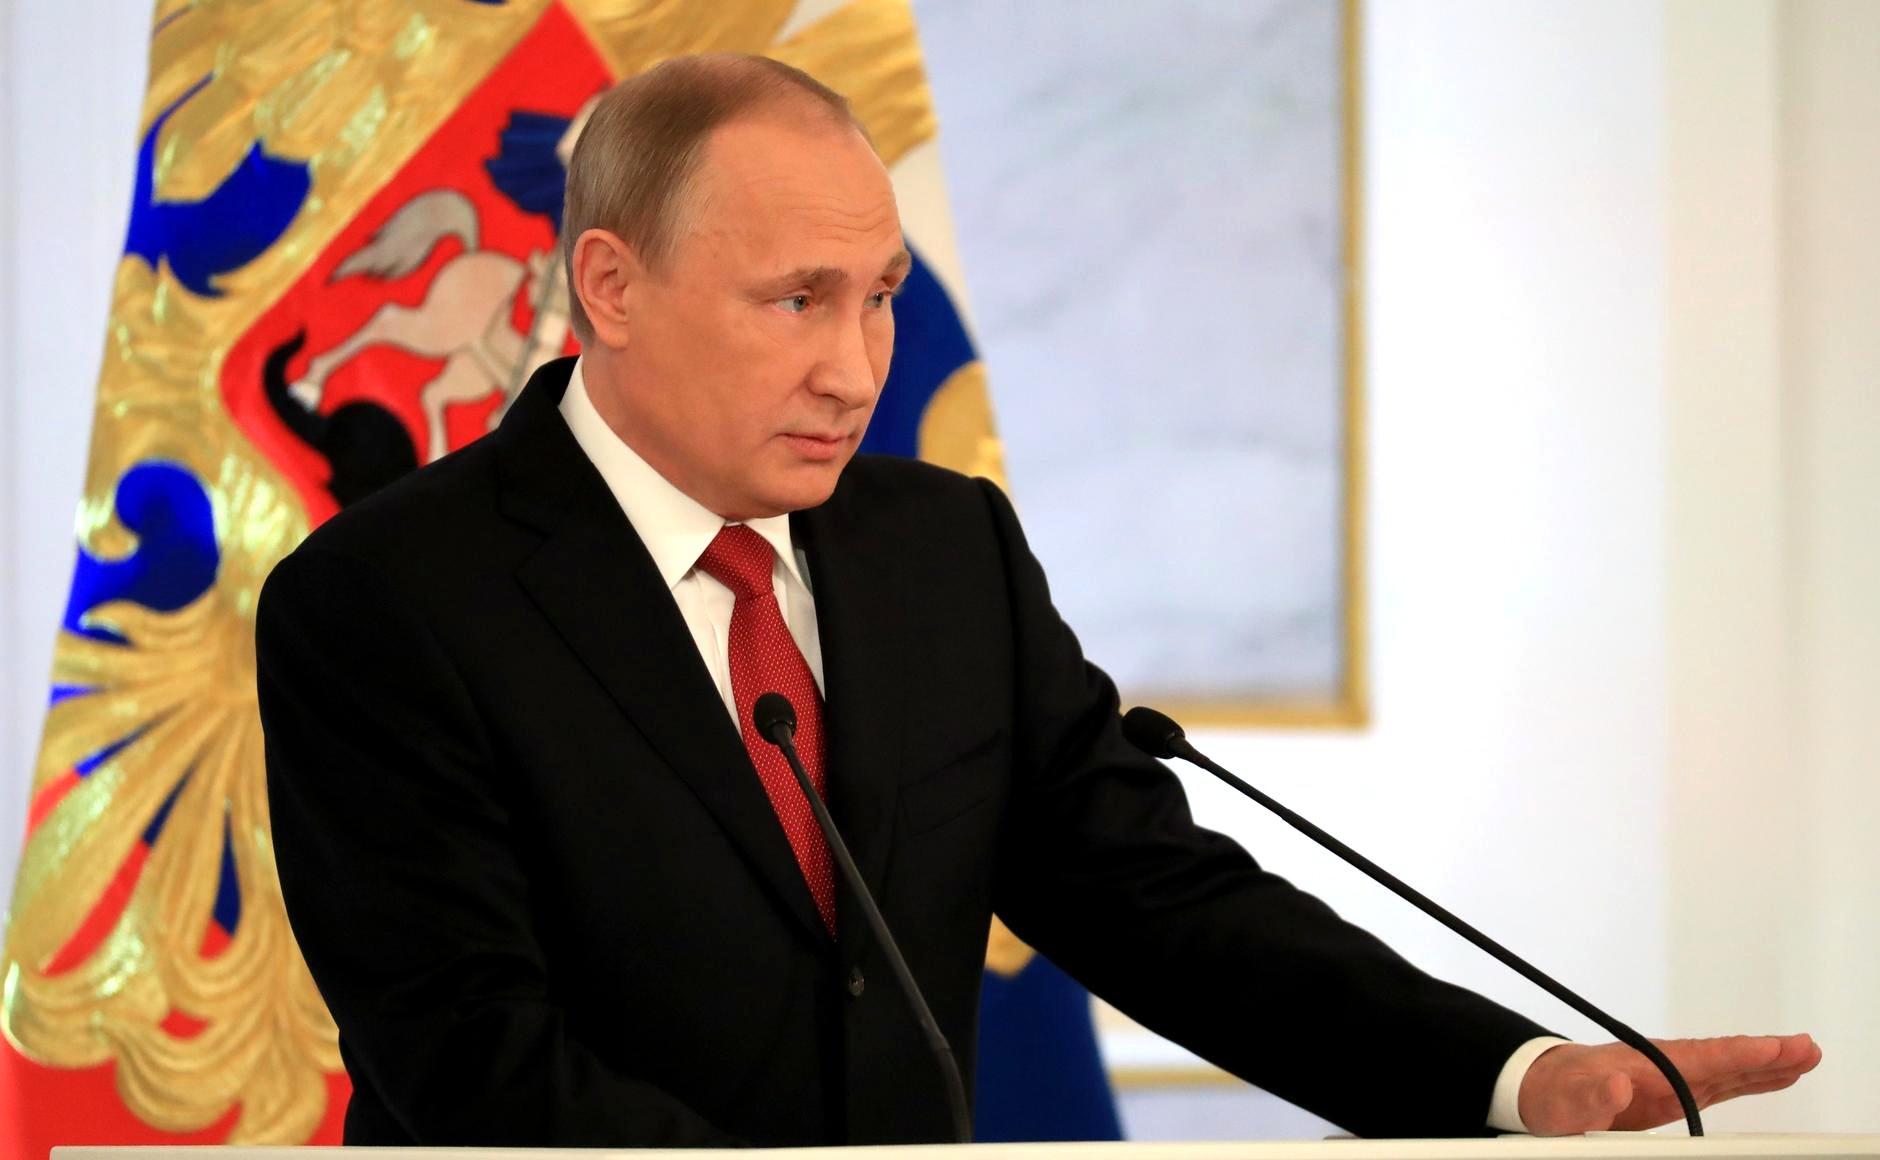 Послание-2016: что обещал Путин